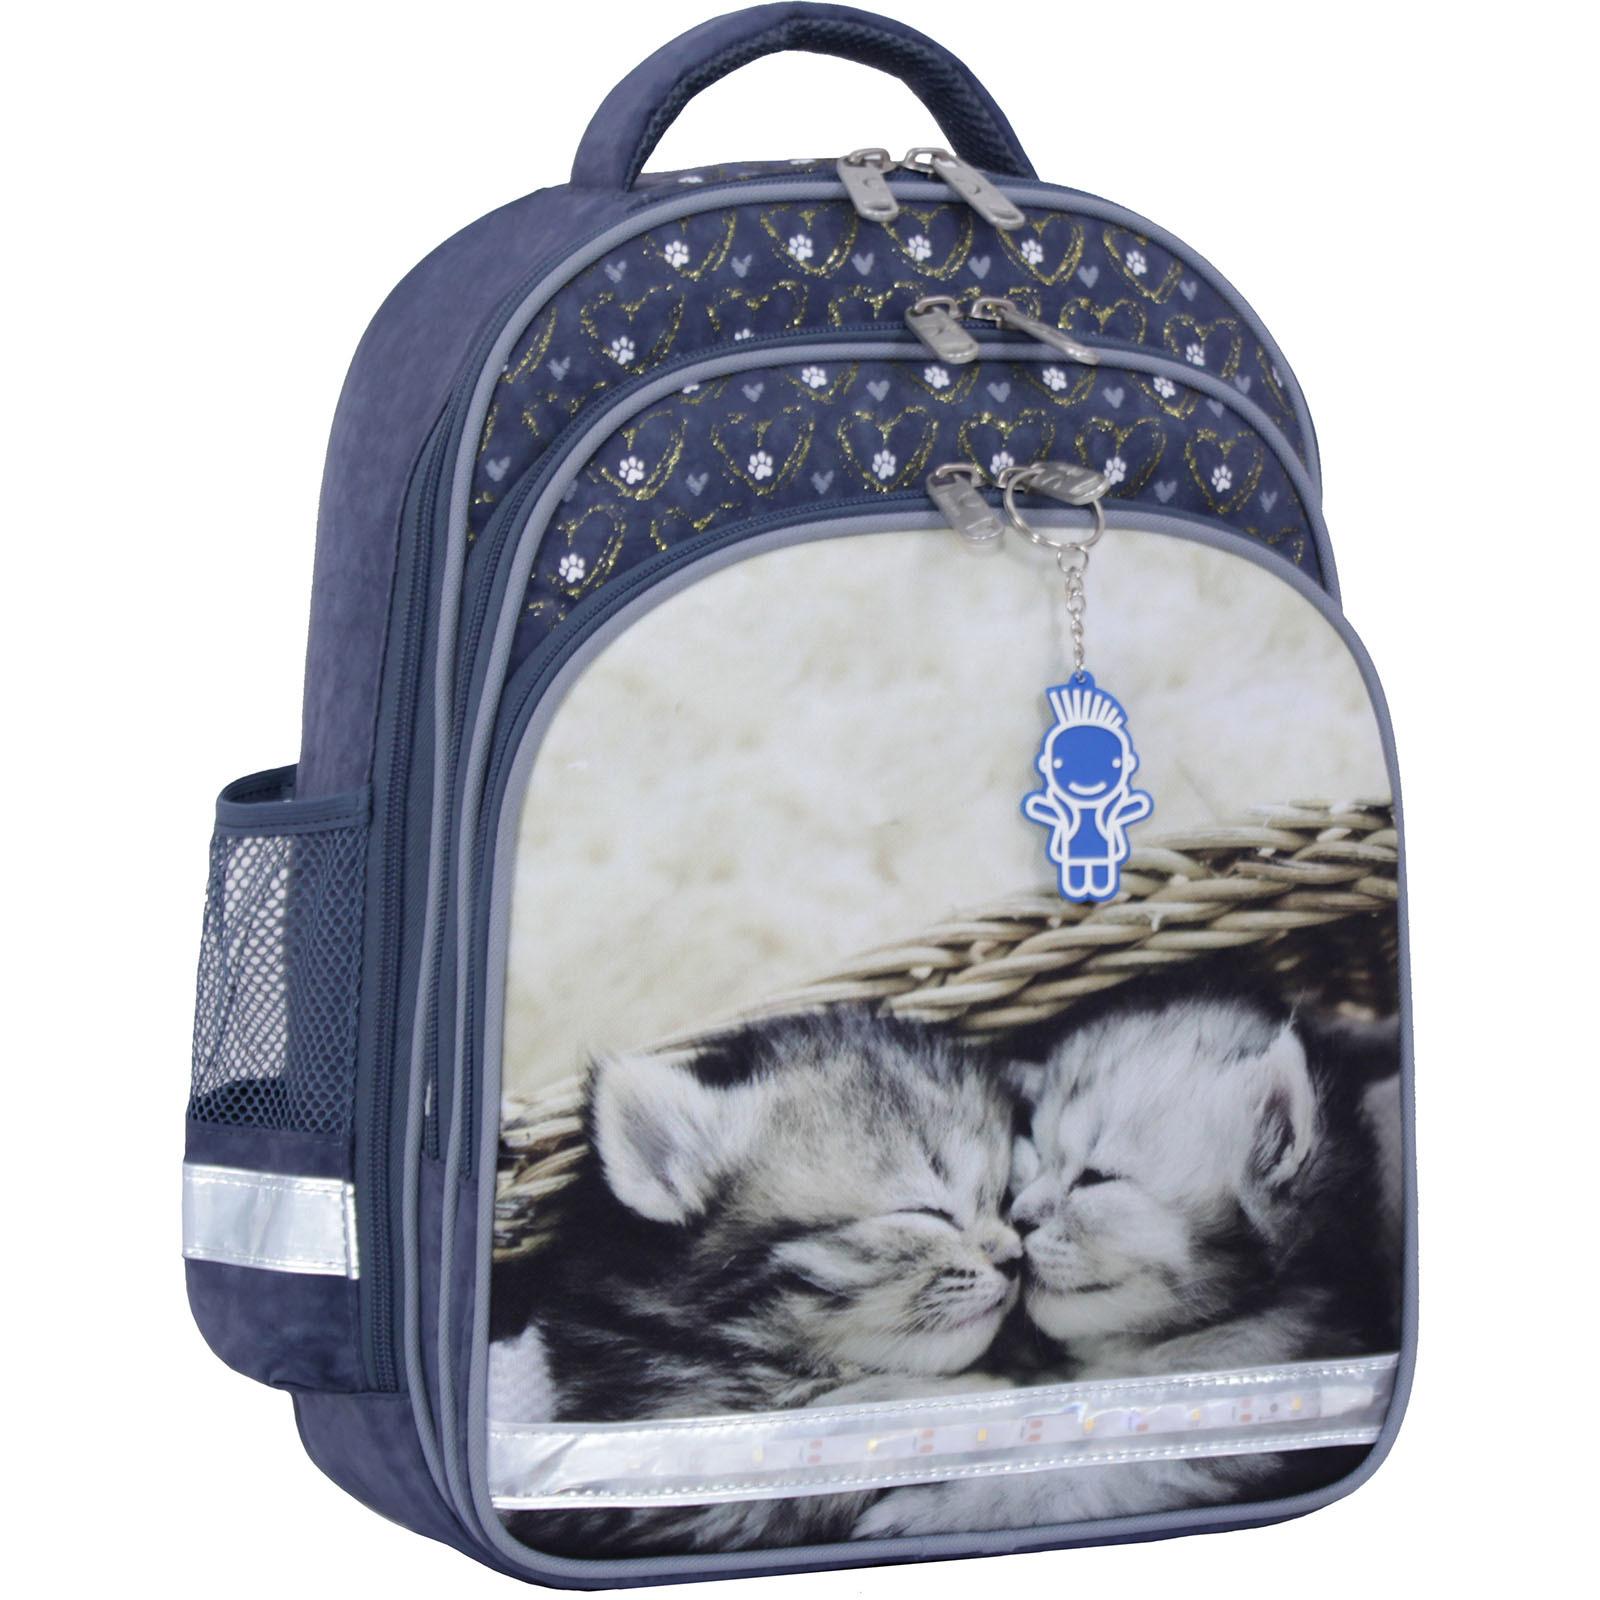 Рюкзак школьный Bagland Mouse 321 серый 165 (0051370) фото 6